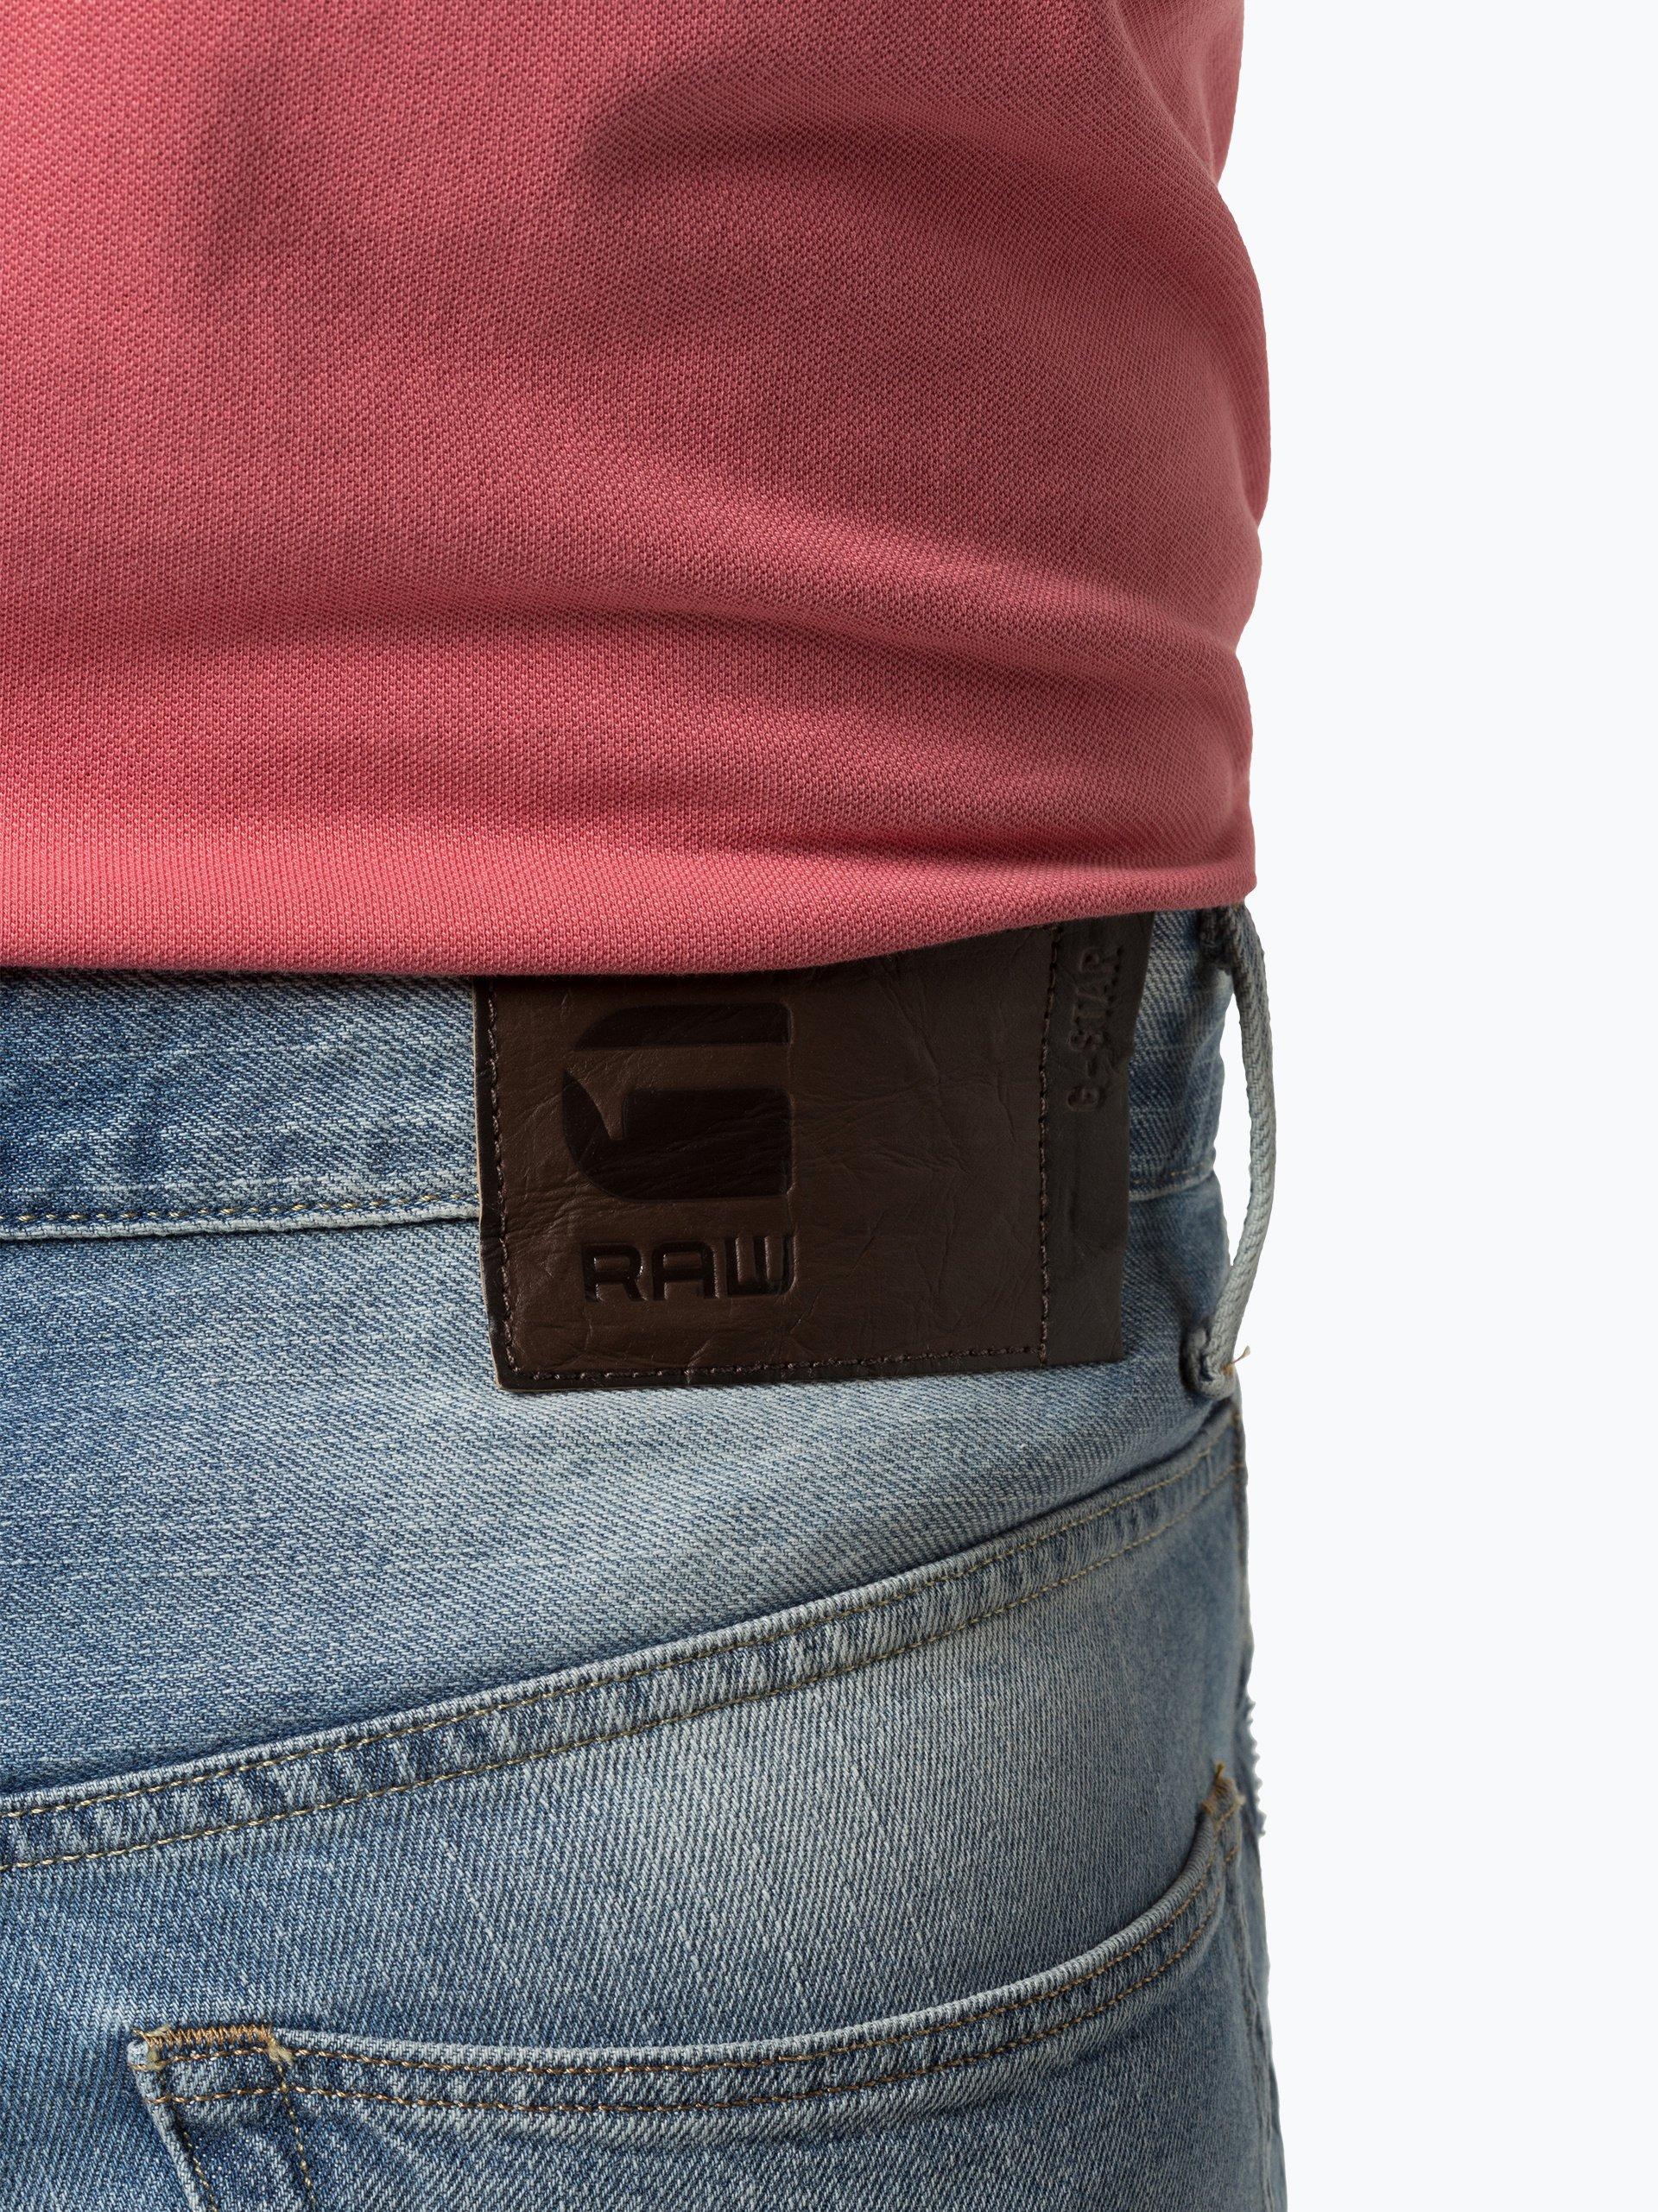 G-Star Męskie spodenki jeansowe – 3301